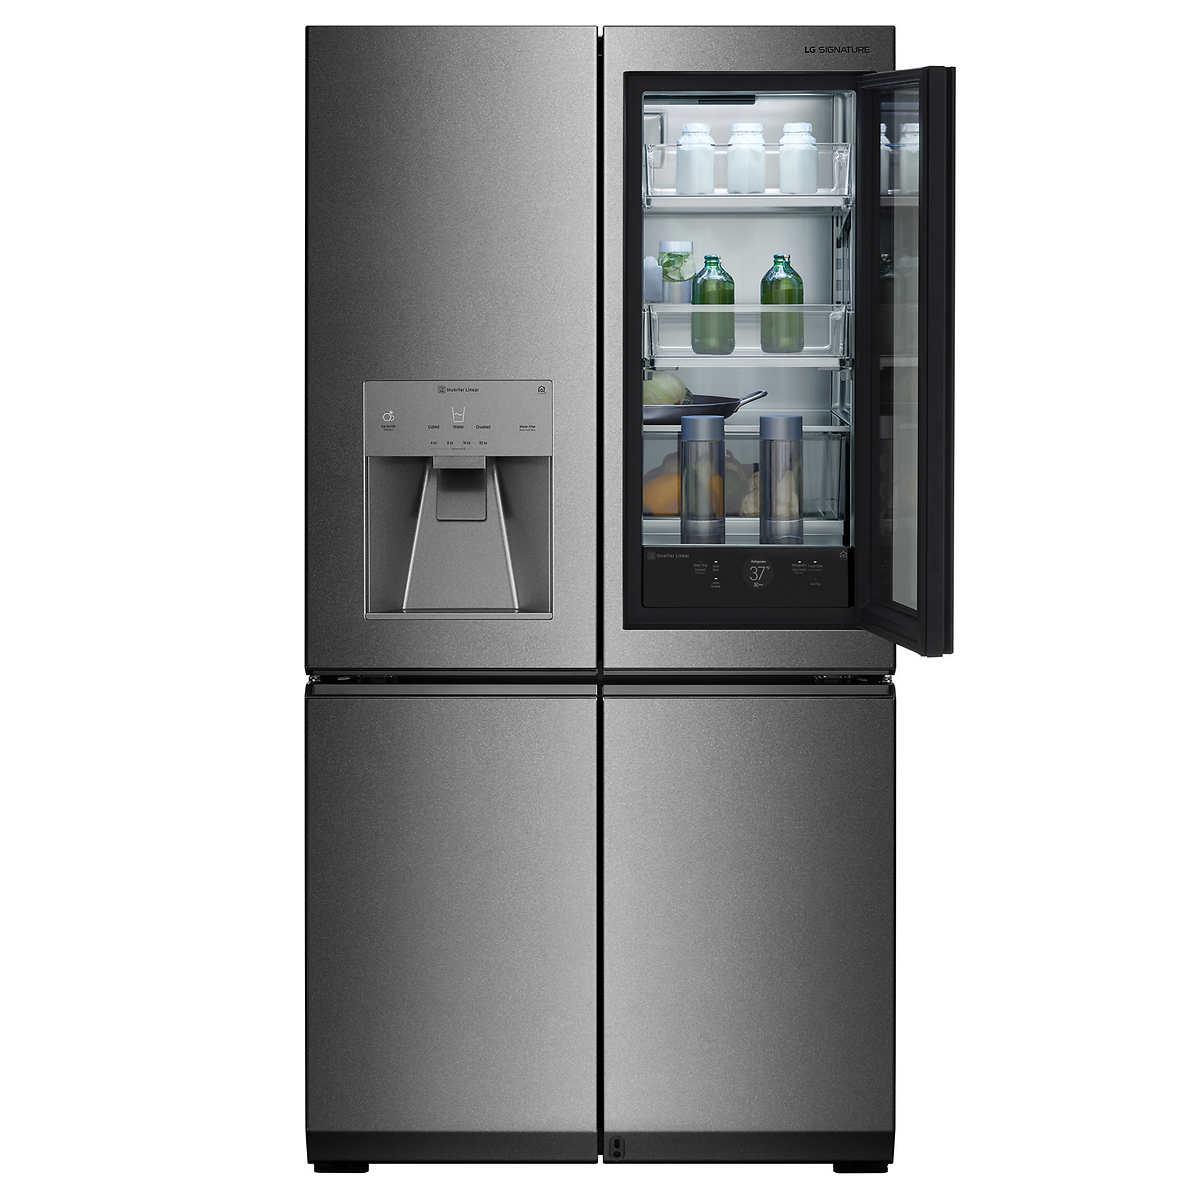 LG SIGNATURE 31CuFt 4-door French Door Refrigerator with InstaView ...